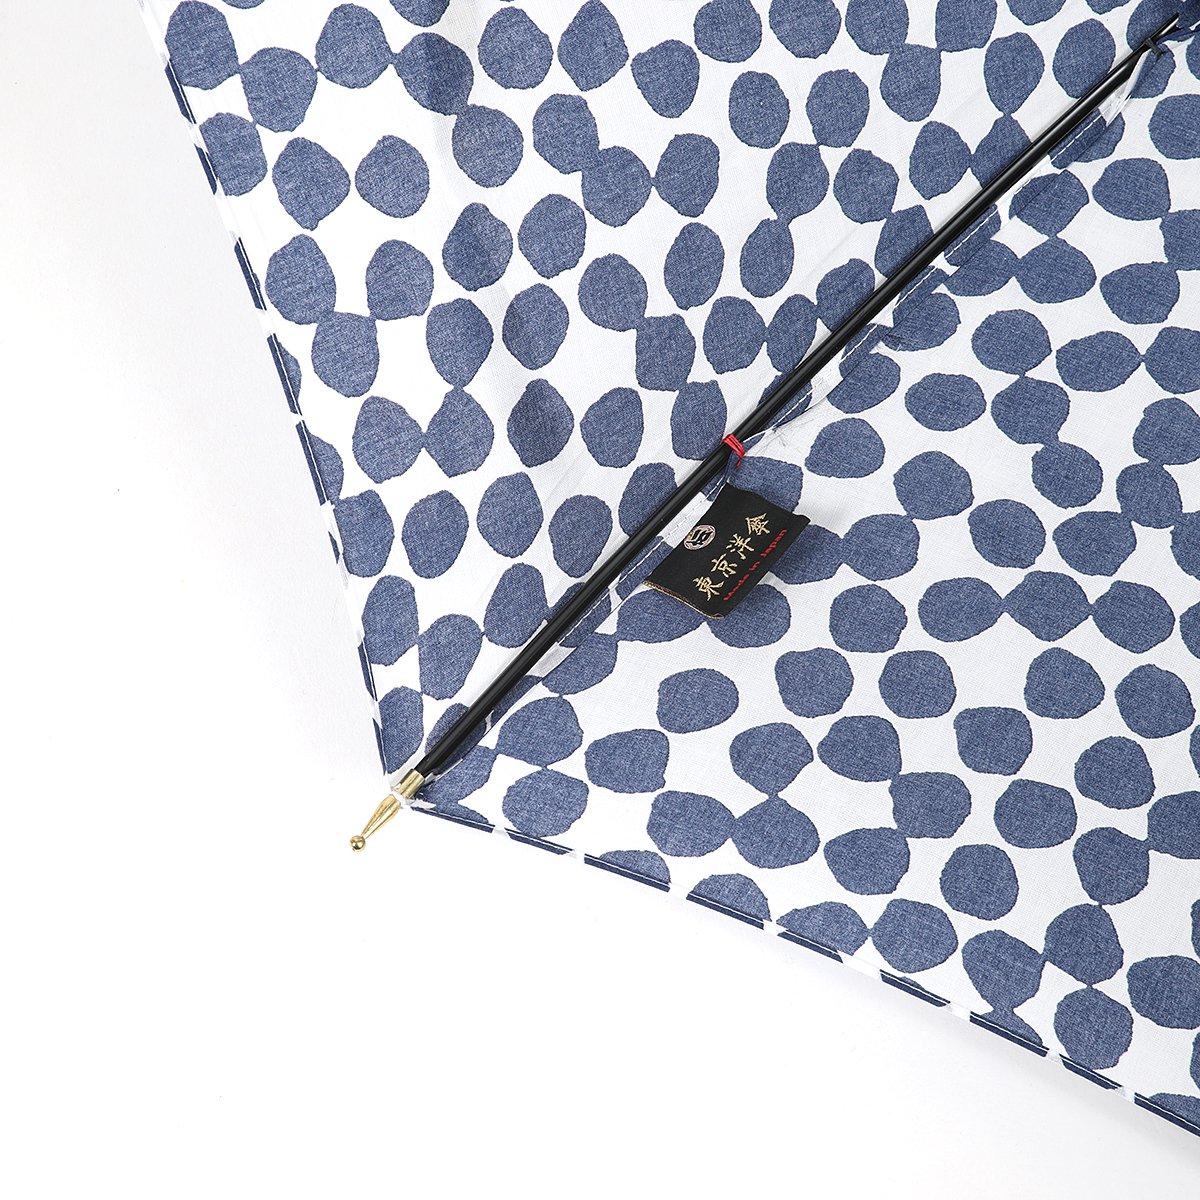 【晴雨兼用傘】東京洋傘 レディース 手書き風 ドット柄 長傘 詳細画像6